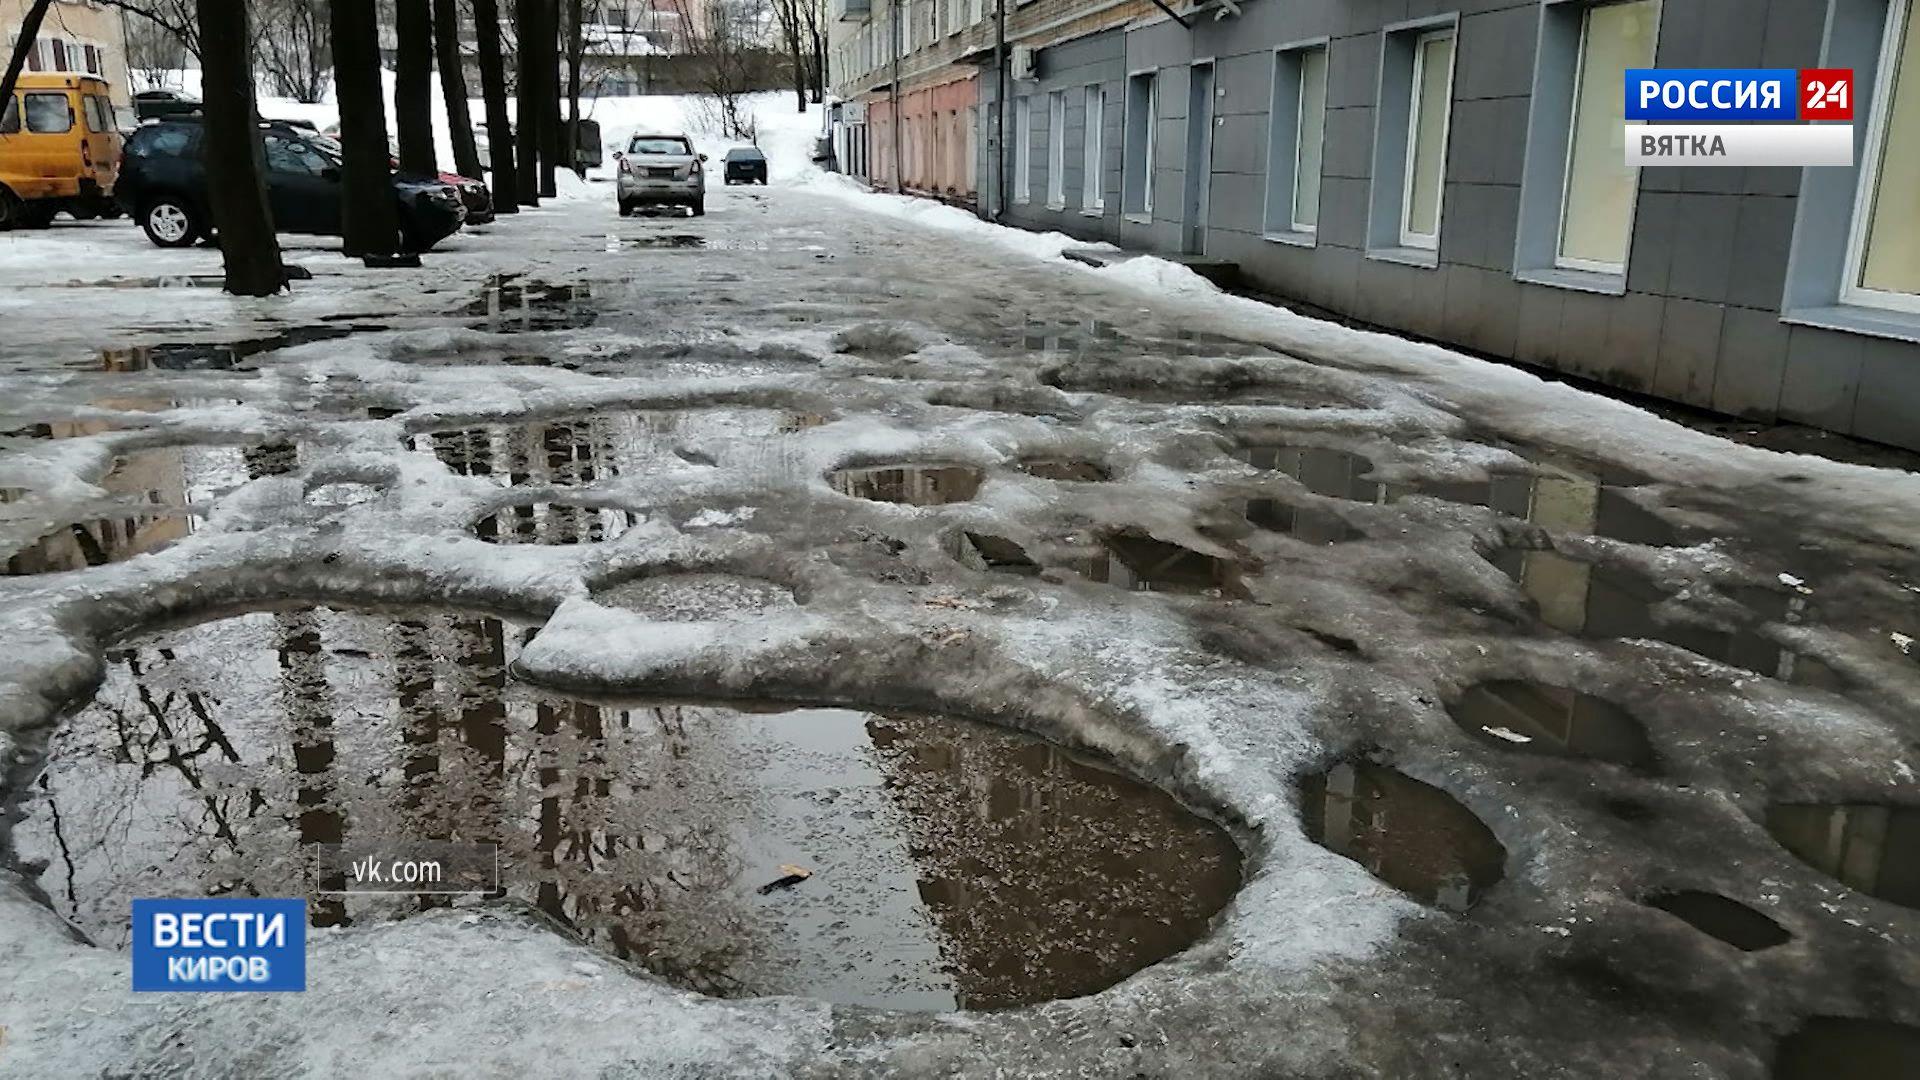 Плюсовая температура и дожди вновь застали врасплох коммунальные службы города Кирова